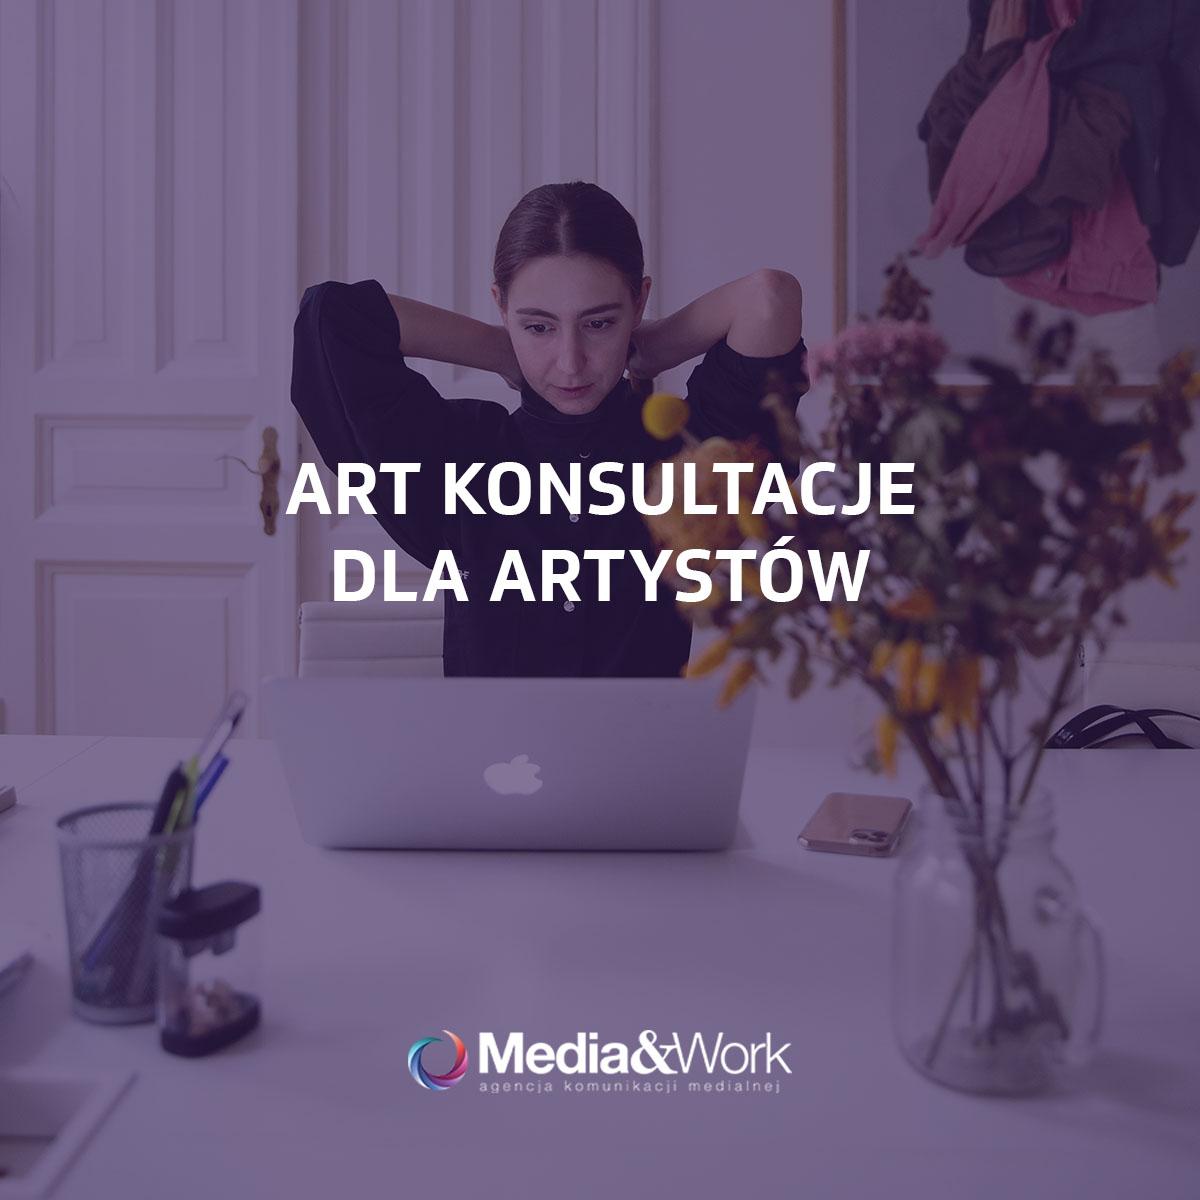 ART KONSULTACJE DLA ARTYSTÓW